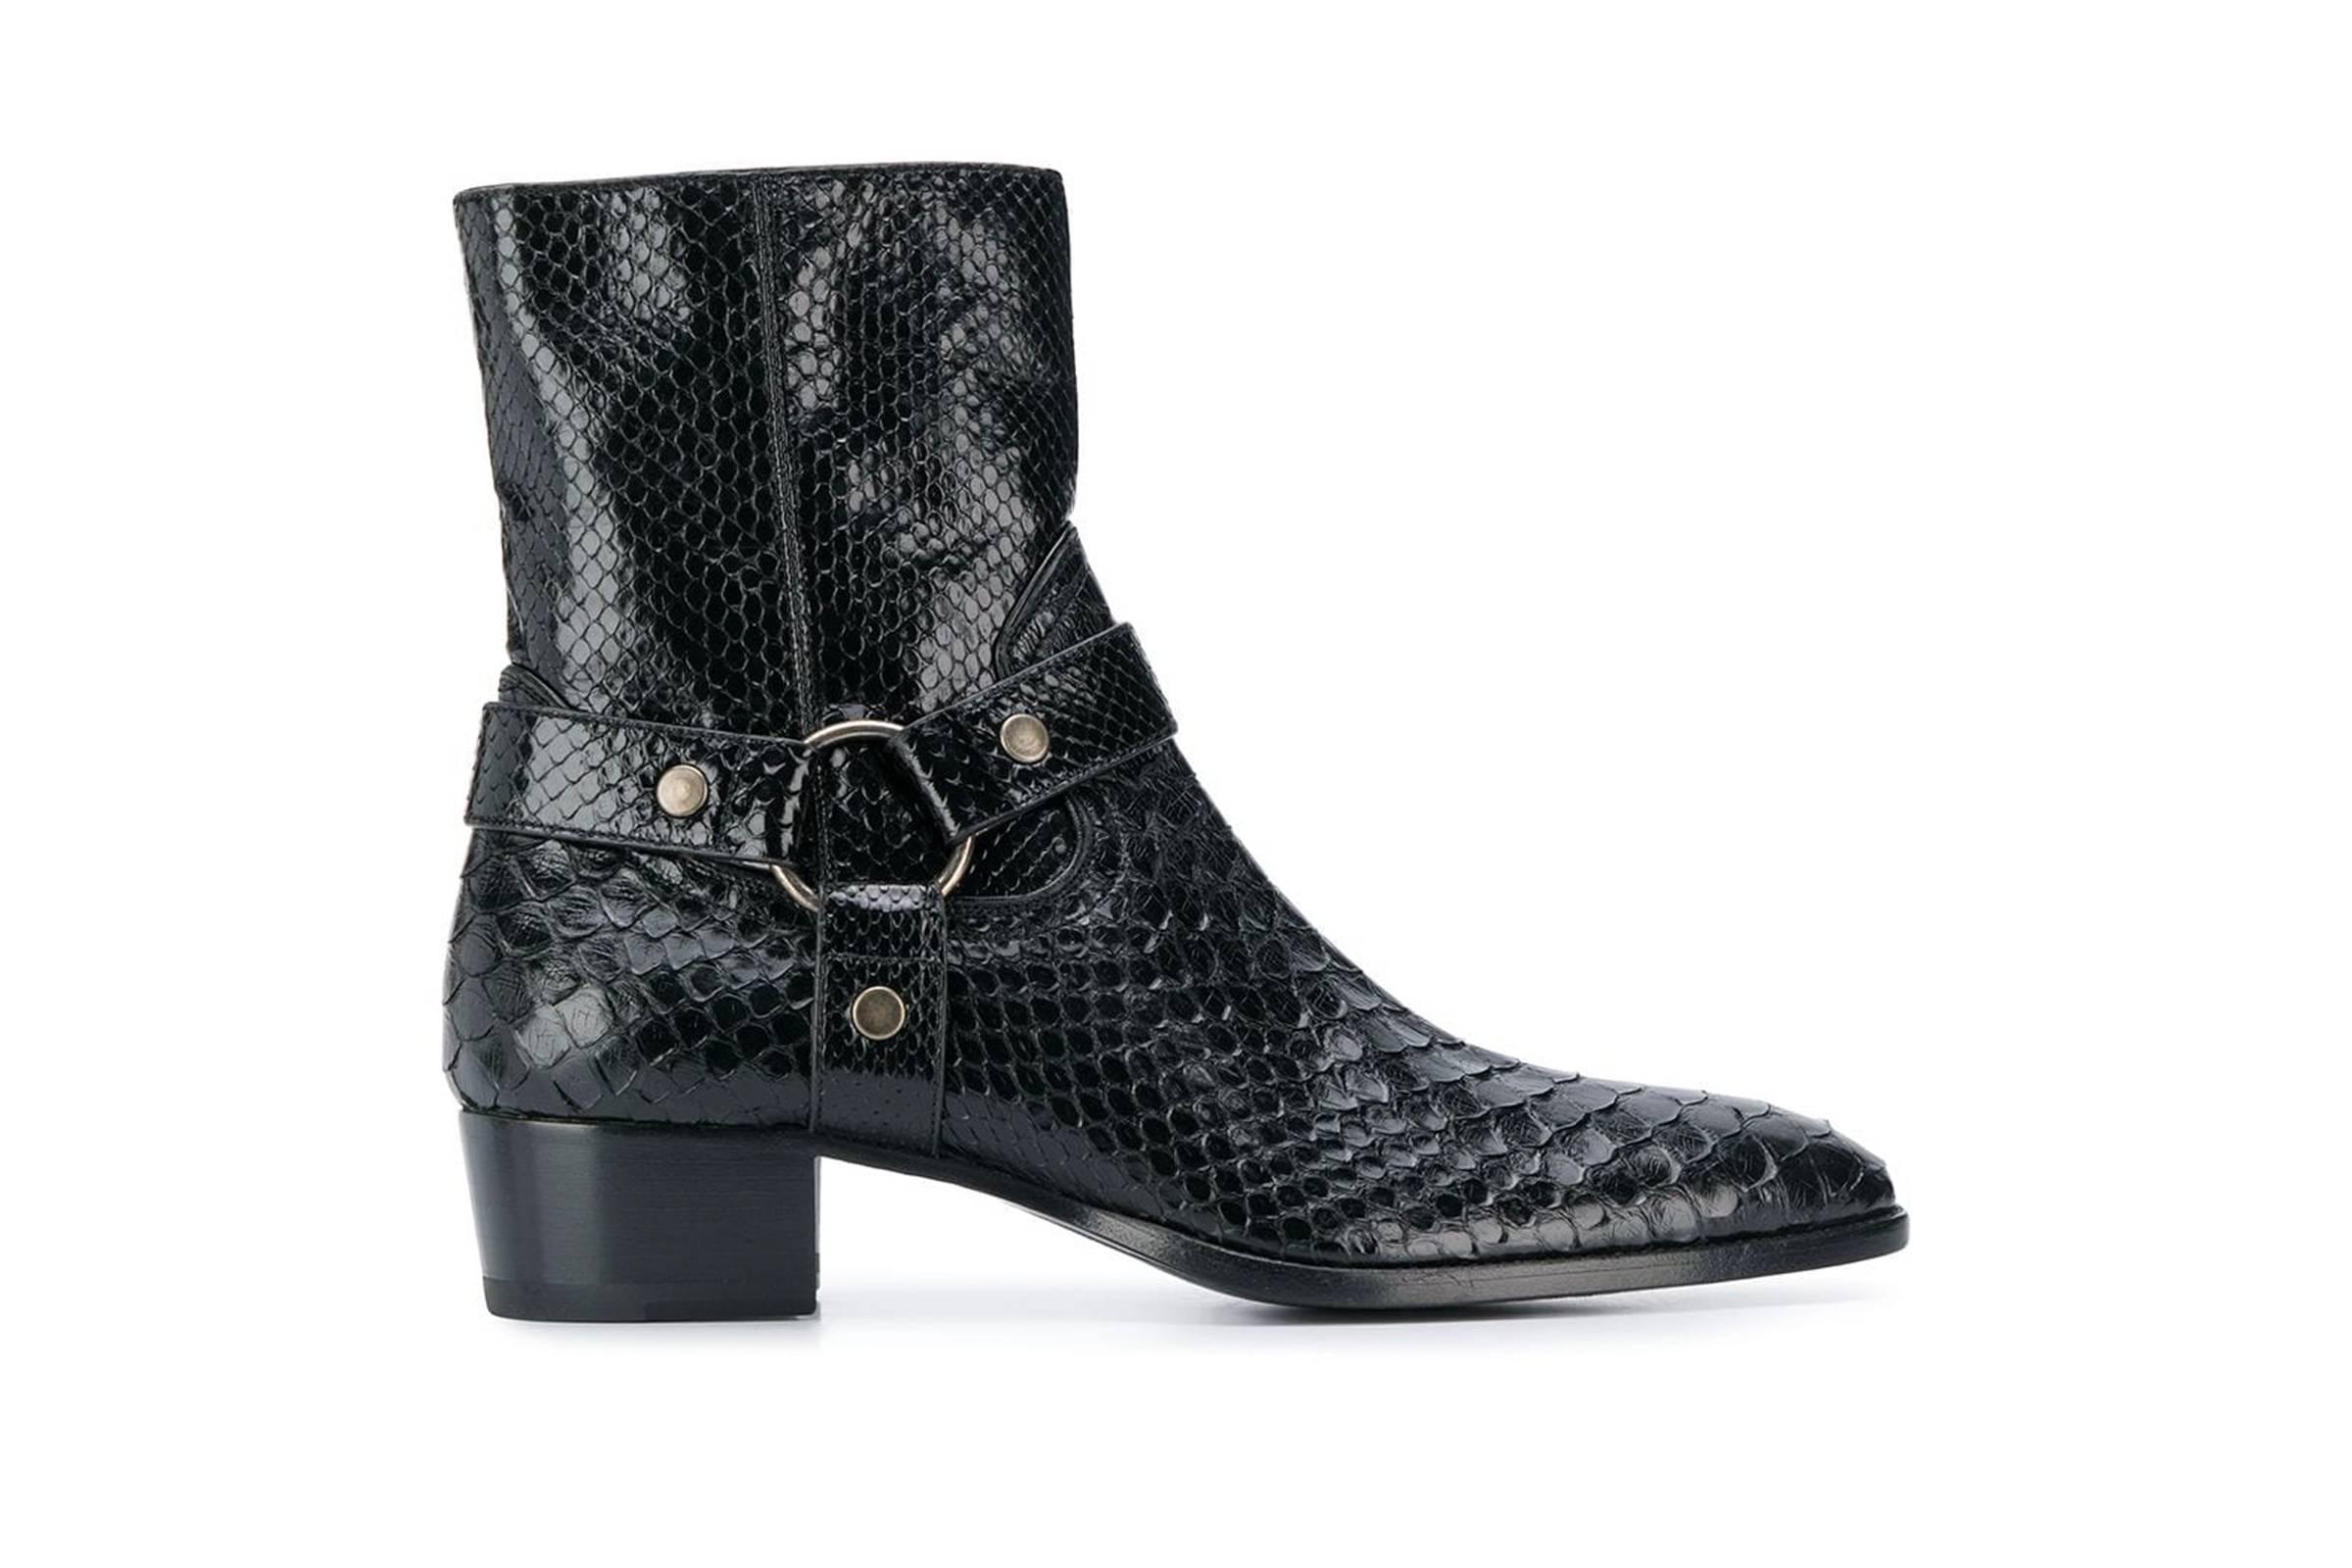 Saint Laurent Paris Wyatt Boot in Python